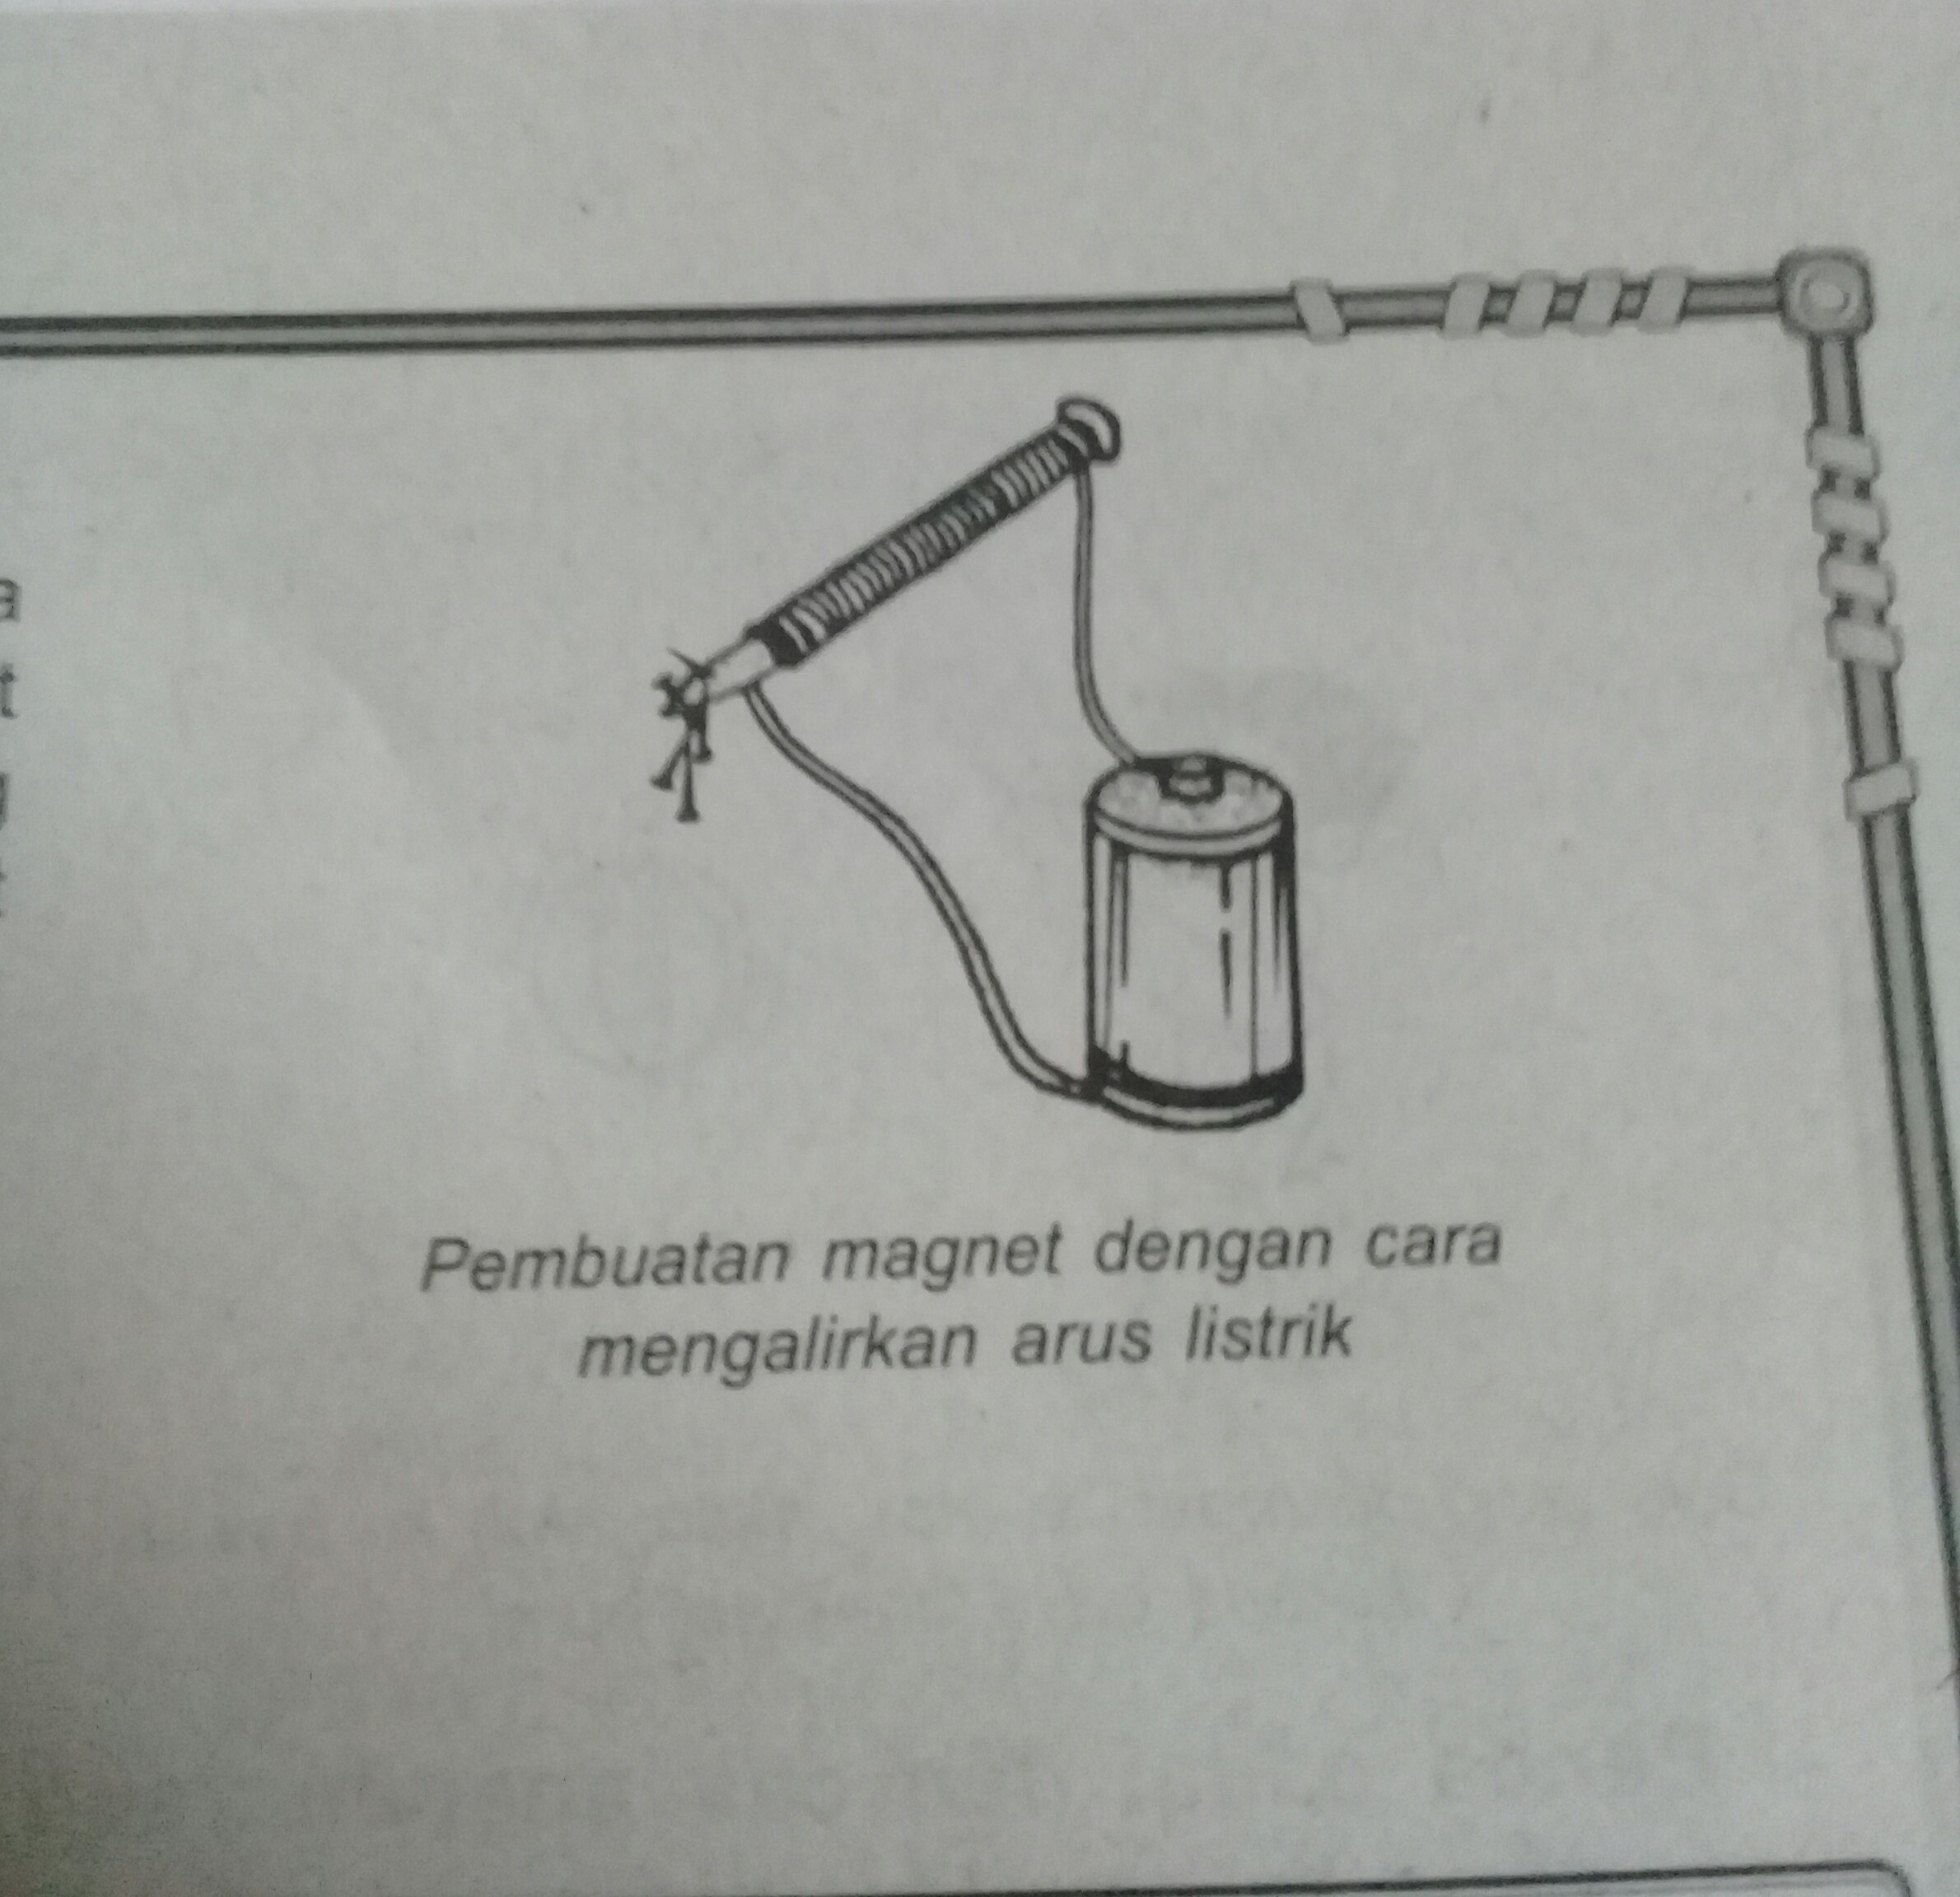 Magnet Yang Dibuat Dengan Cara Mengalirkan Arus Listrik ...